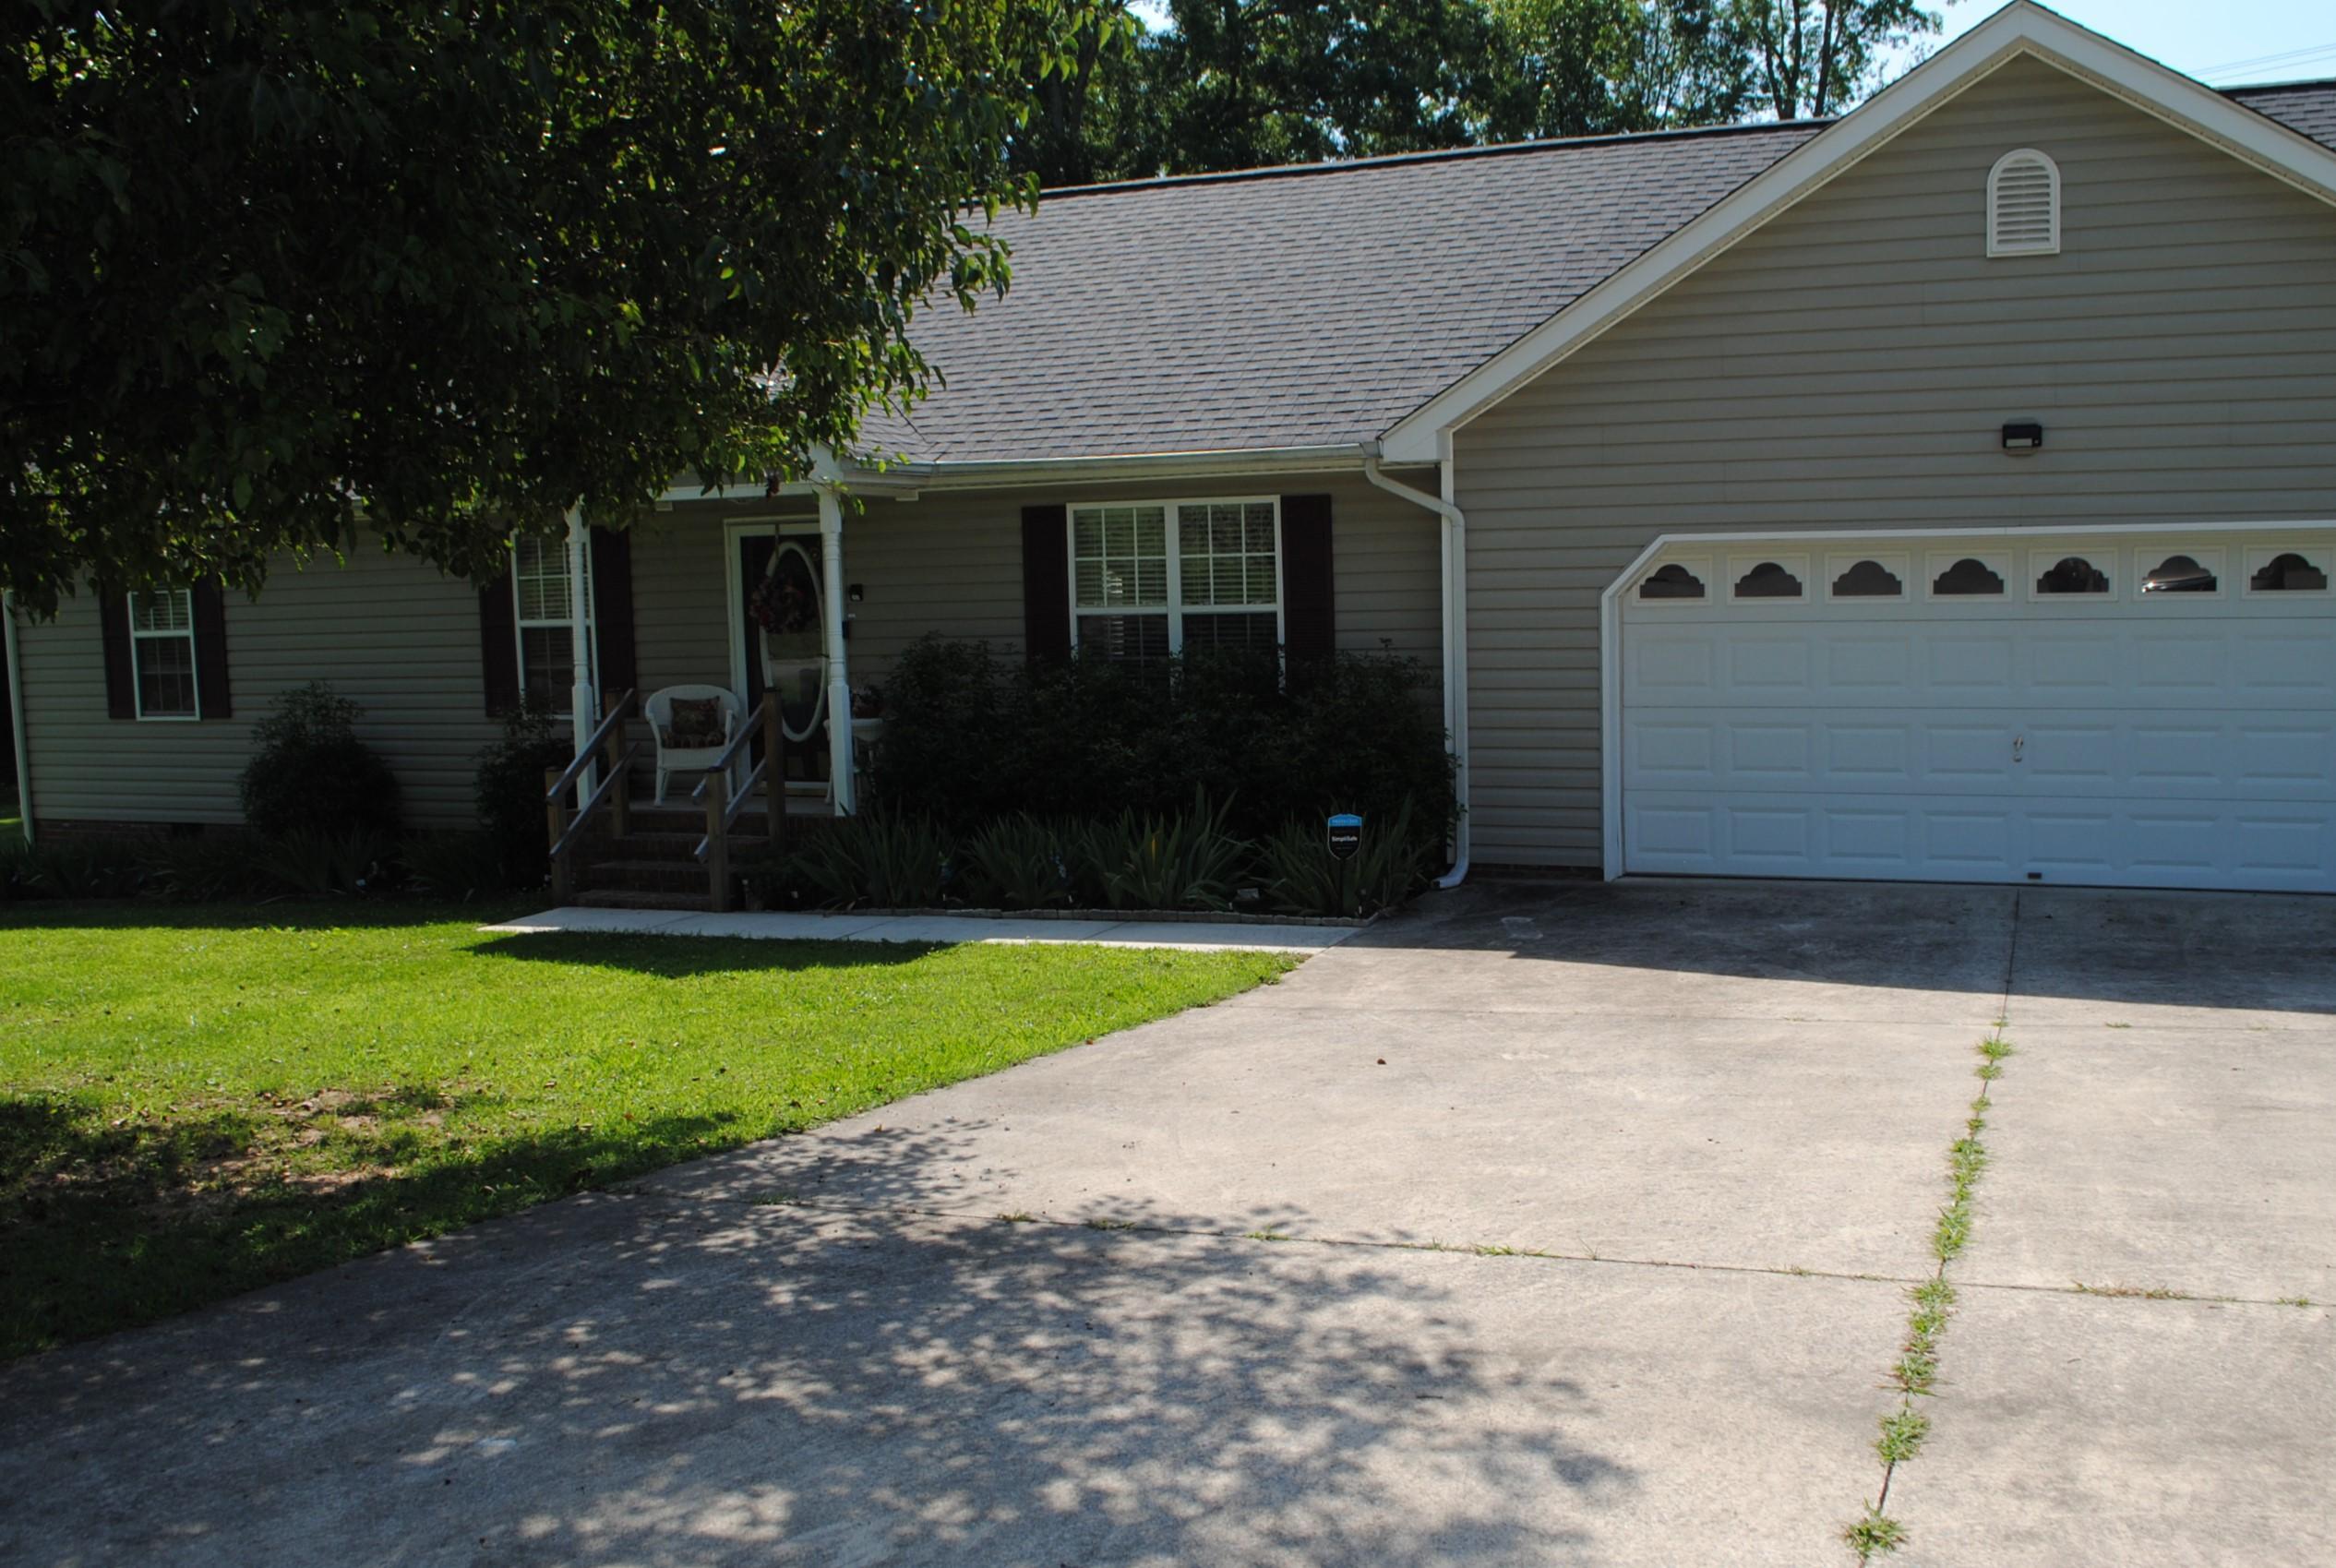 8928 W Old Lovelady Rd, Hixson, TN 37343